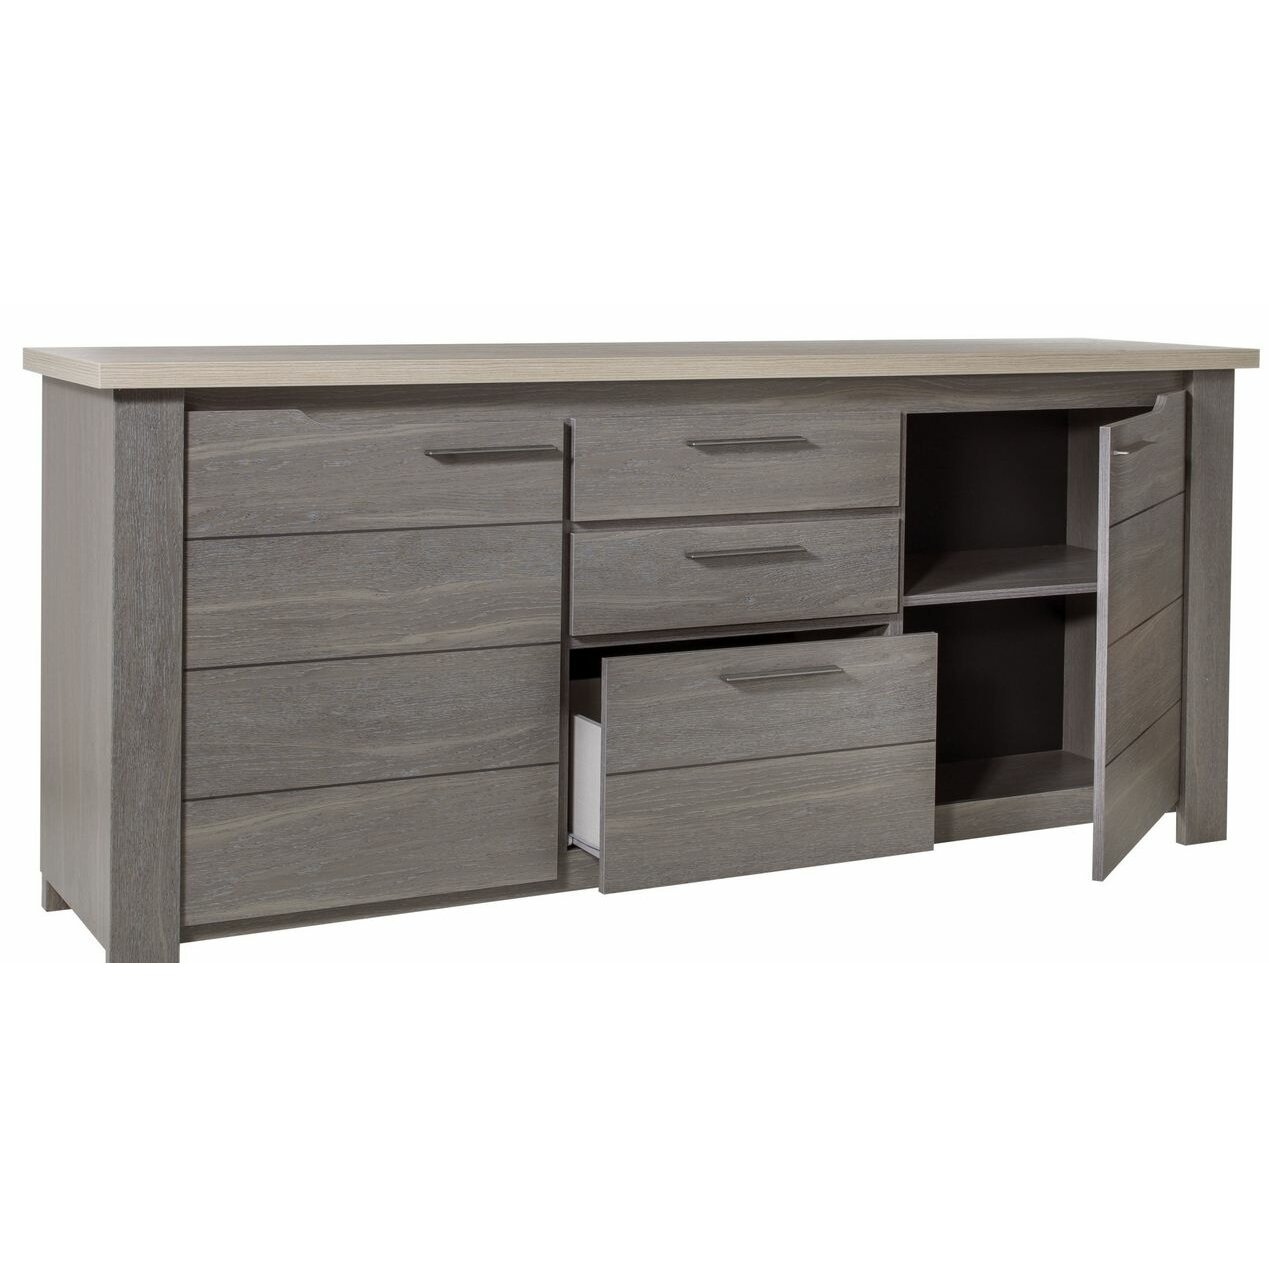 gami toscane 2 door 3 drawer sideboard wayfair uk. Black Bedroom Furniture Sets. Home Design Ideas